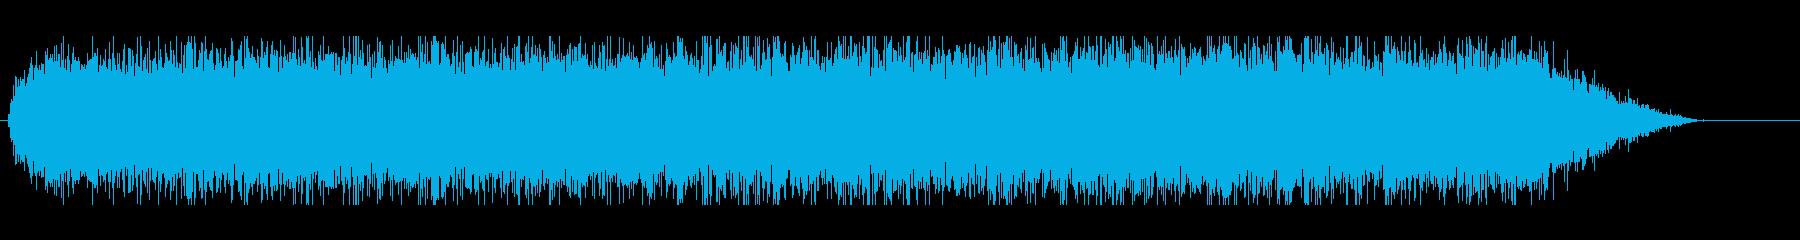 ウィーーン(電動ドライバーの音)3の再生済みの波形